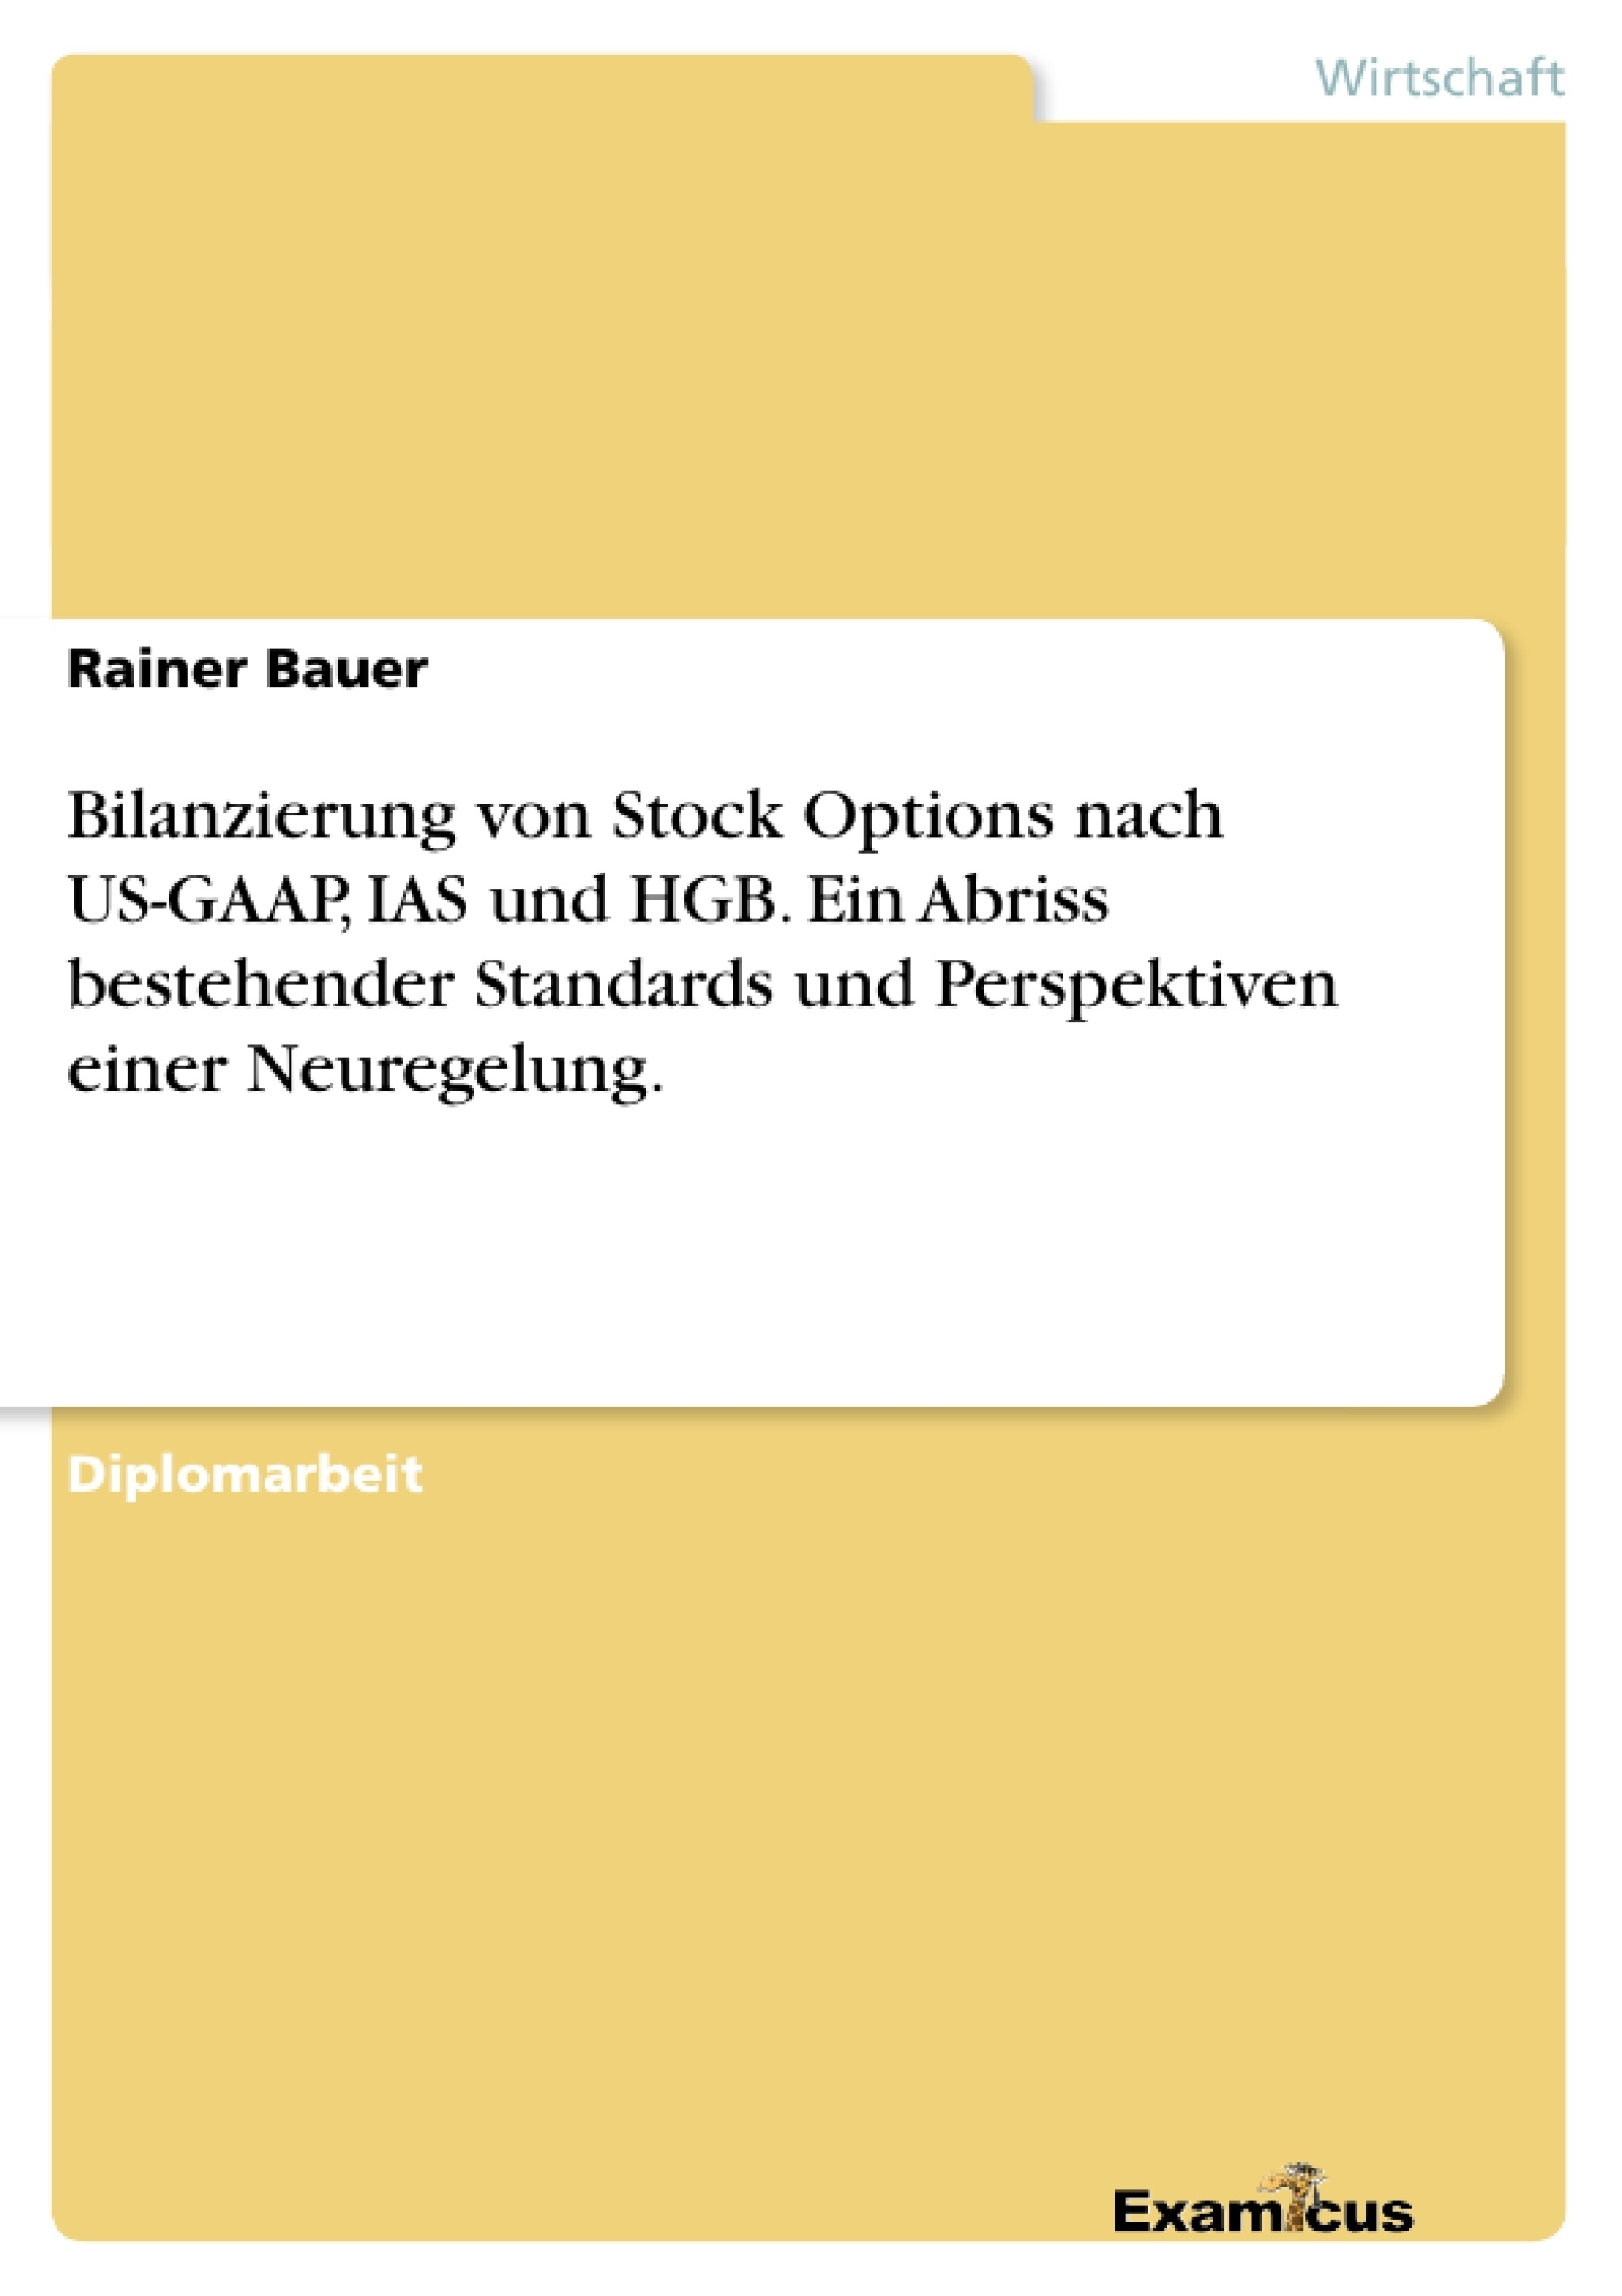 Titel: Bilanzierung von Stock Options nach US-GAAP, IAS und HGB. Ein Abriss bestehender Standards und Perspektiven einer Neuregelung.